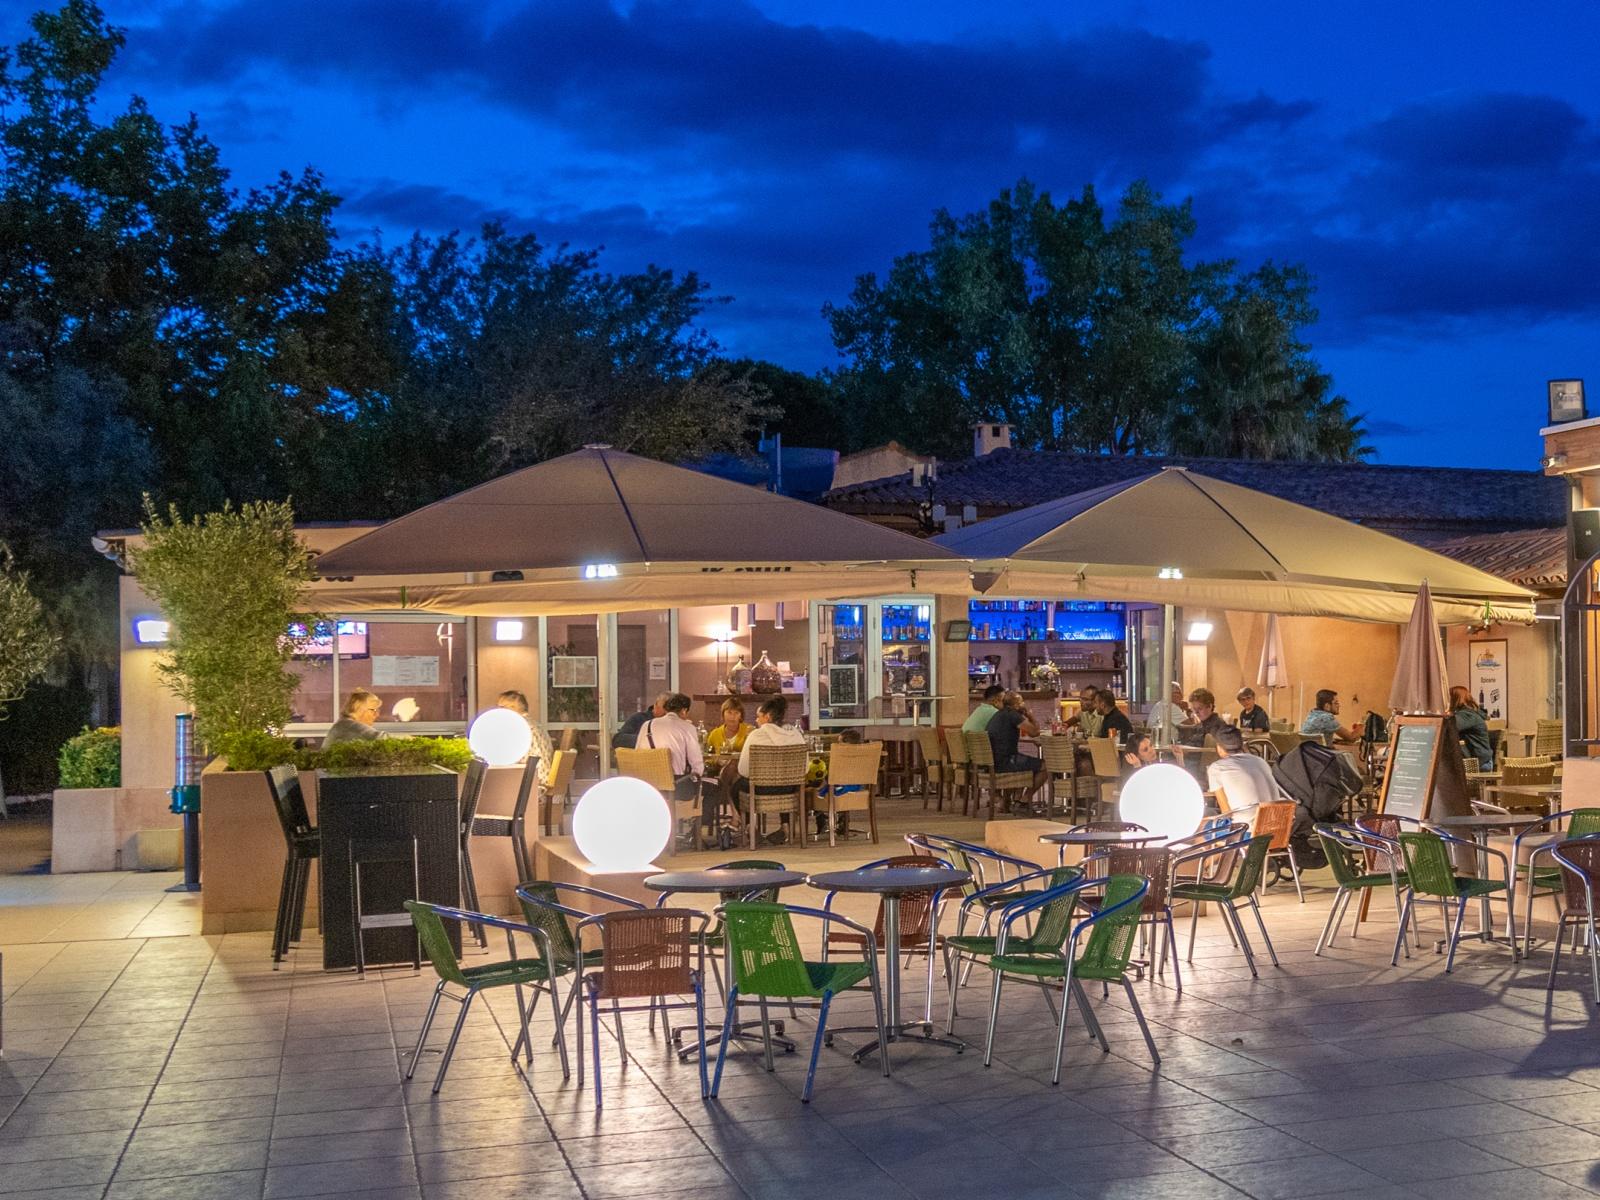 Le Sud, le restaurant du Camping Abri de Camargue